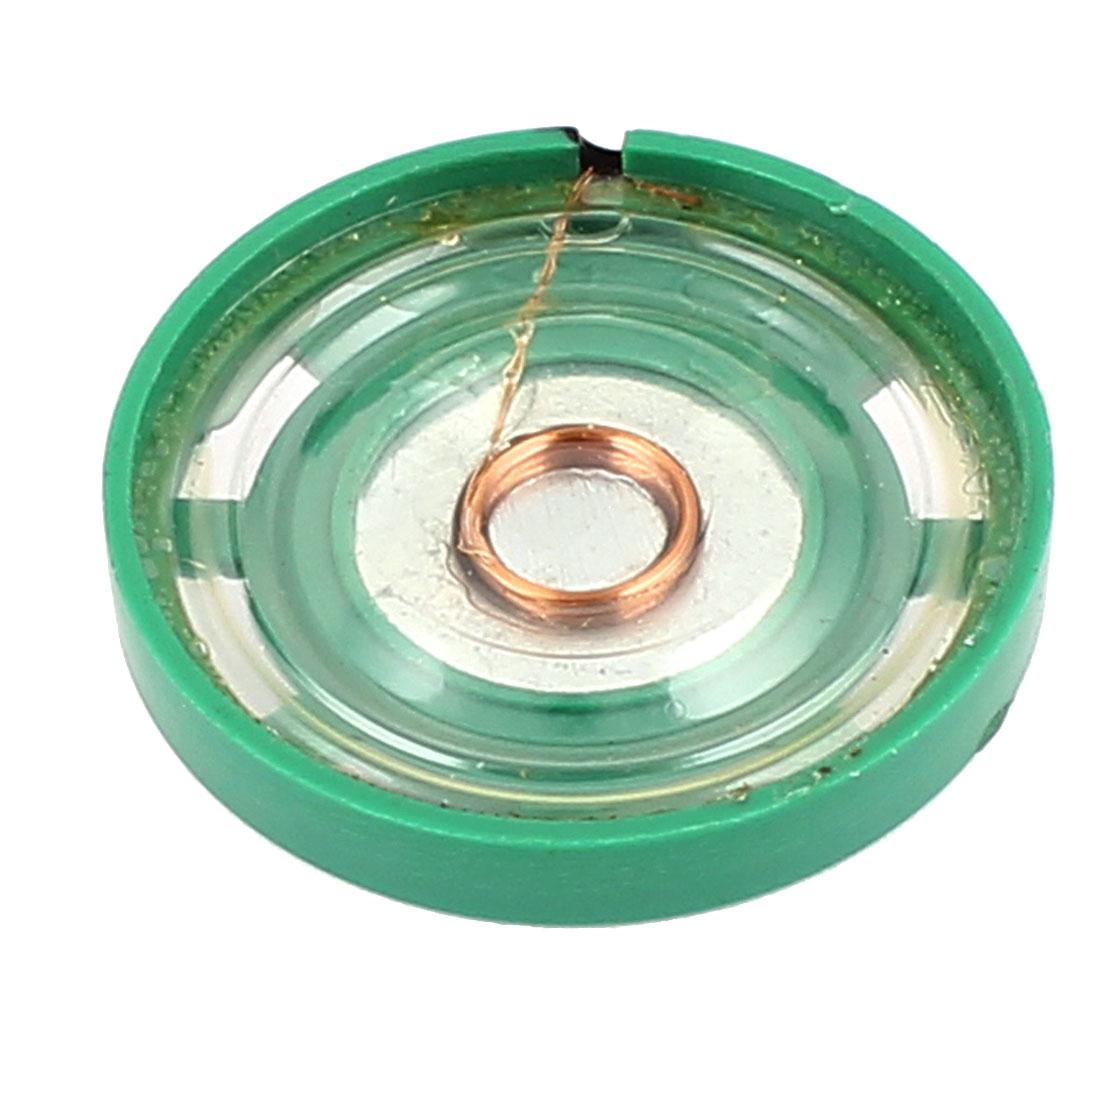 Plastic Case 27mm 8 Ohm 0.25W External Magnet Speaker Horn Loudspeaker Green